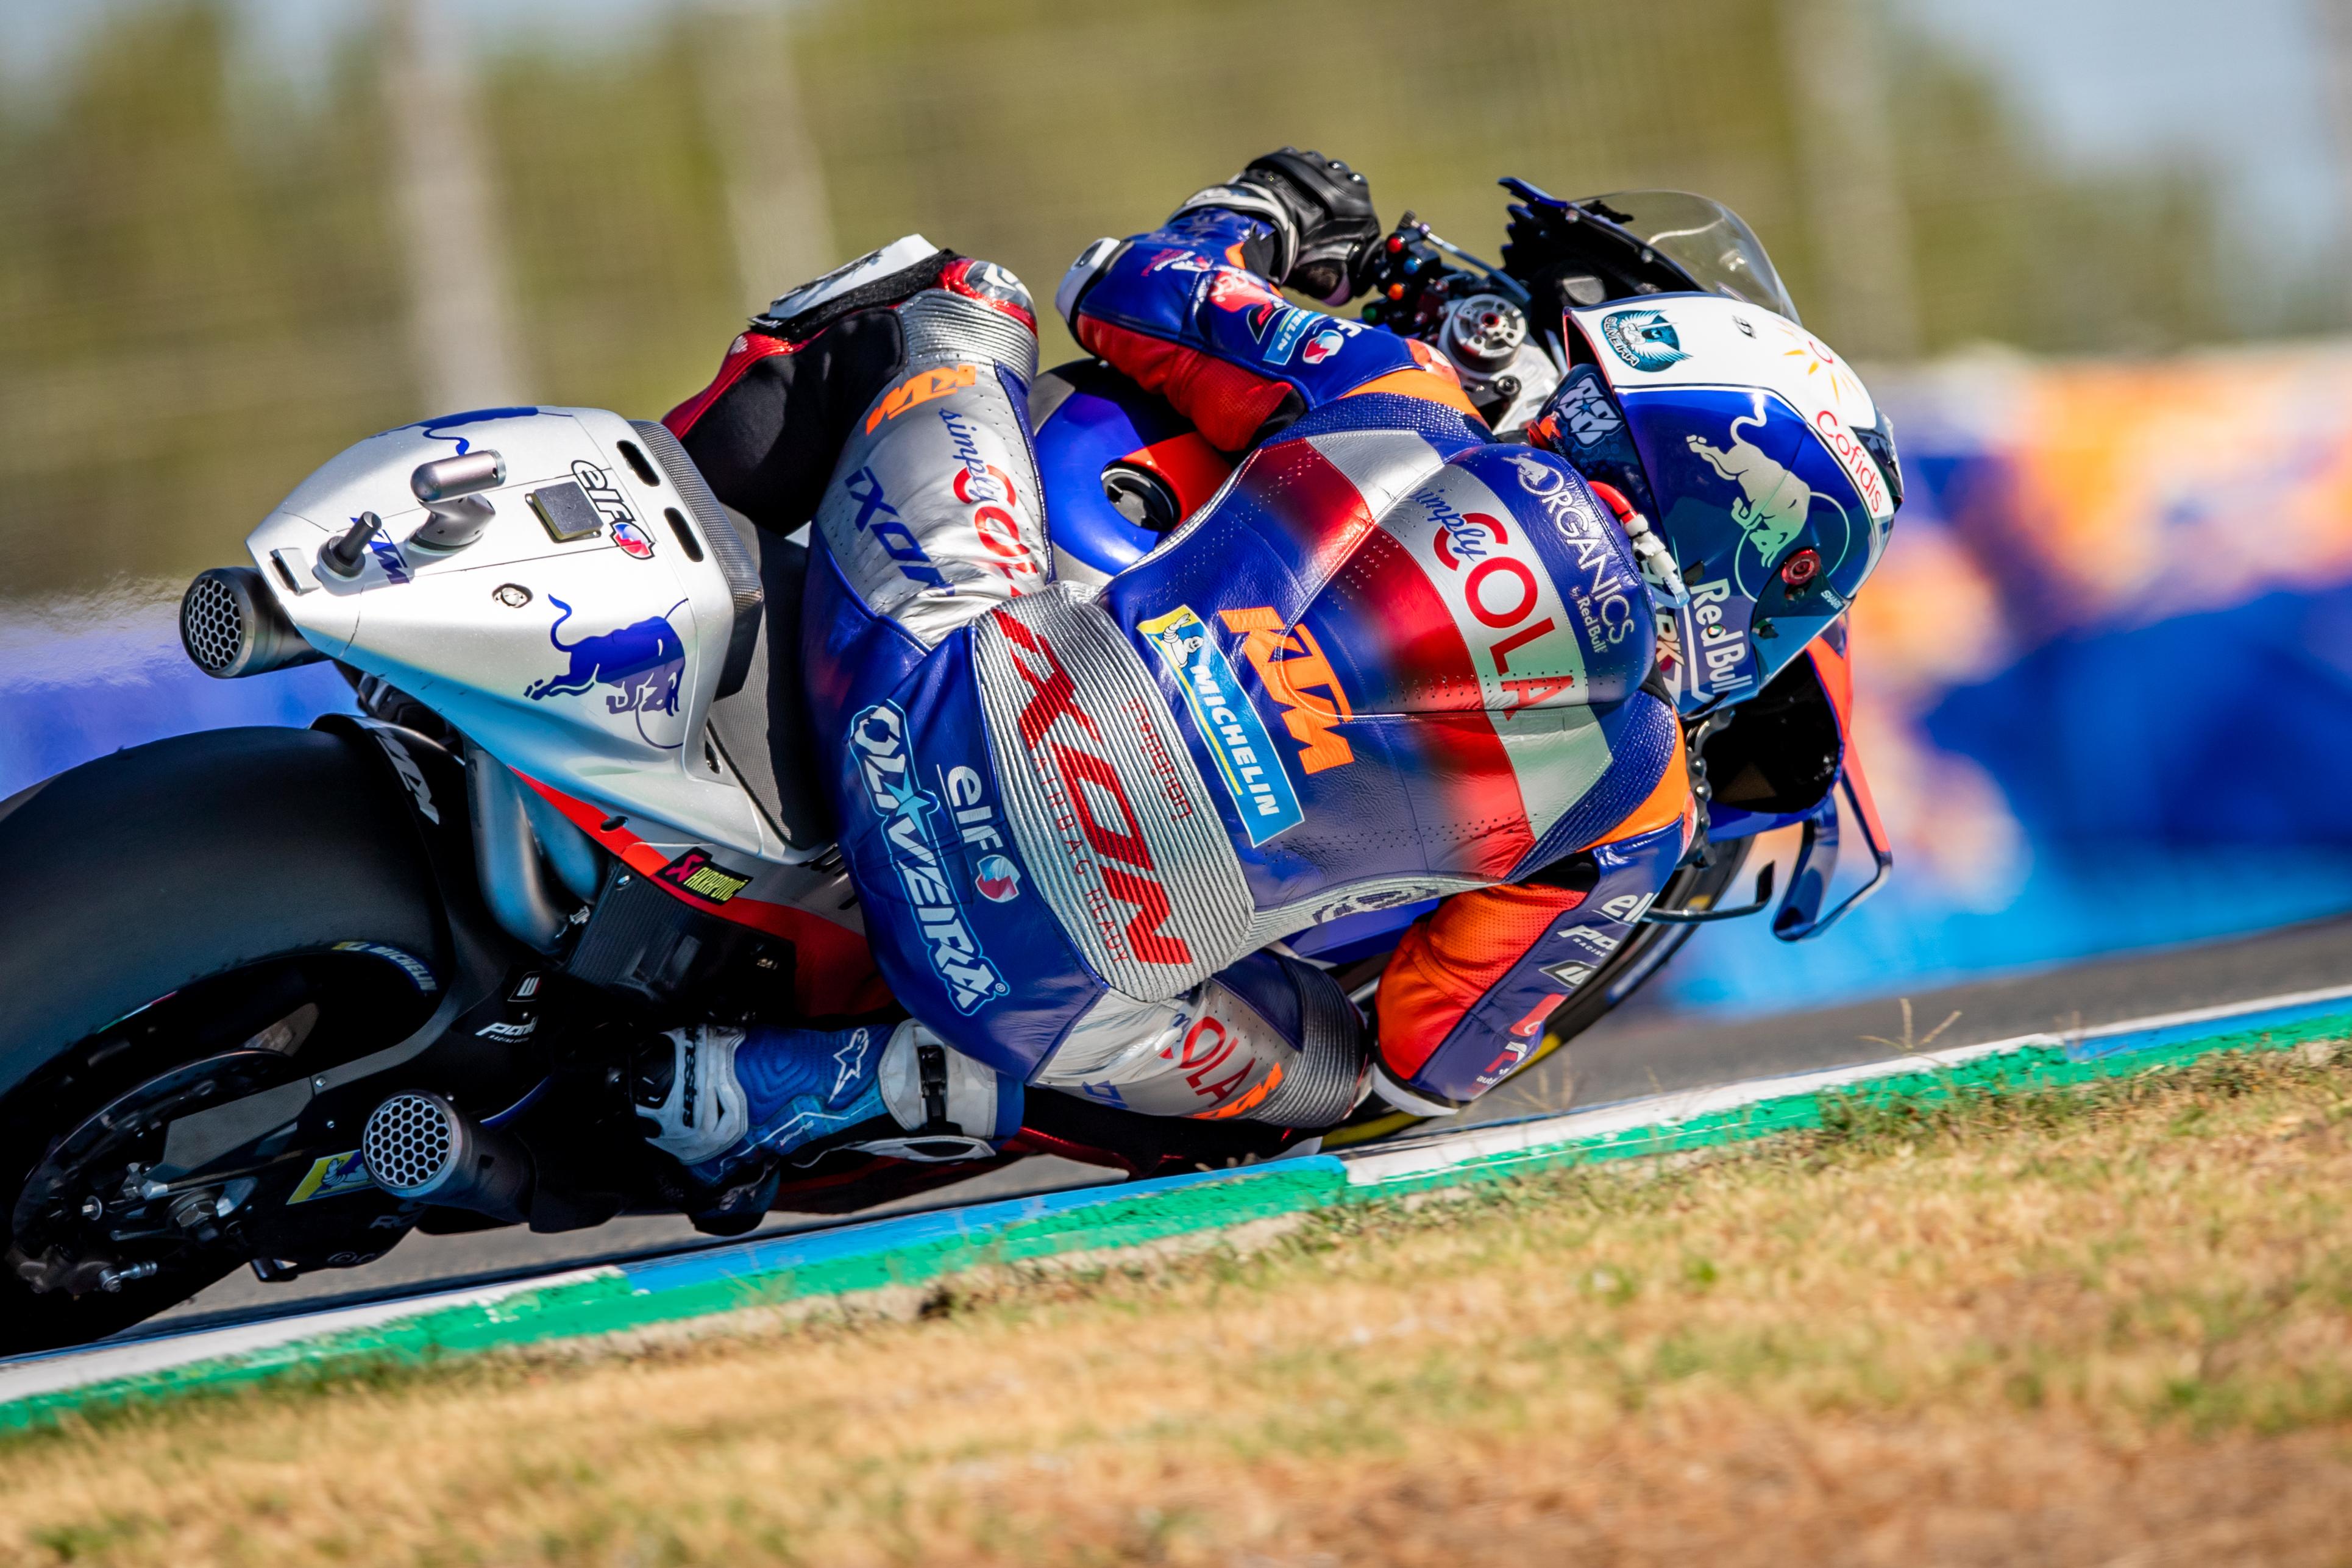 MOTOGP | Miguel Oliveira faz história ao alcançar a primeira vitória no campeonato do mundo de MotoGP 0